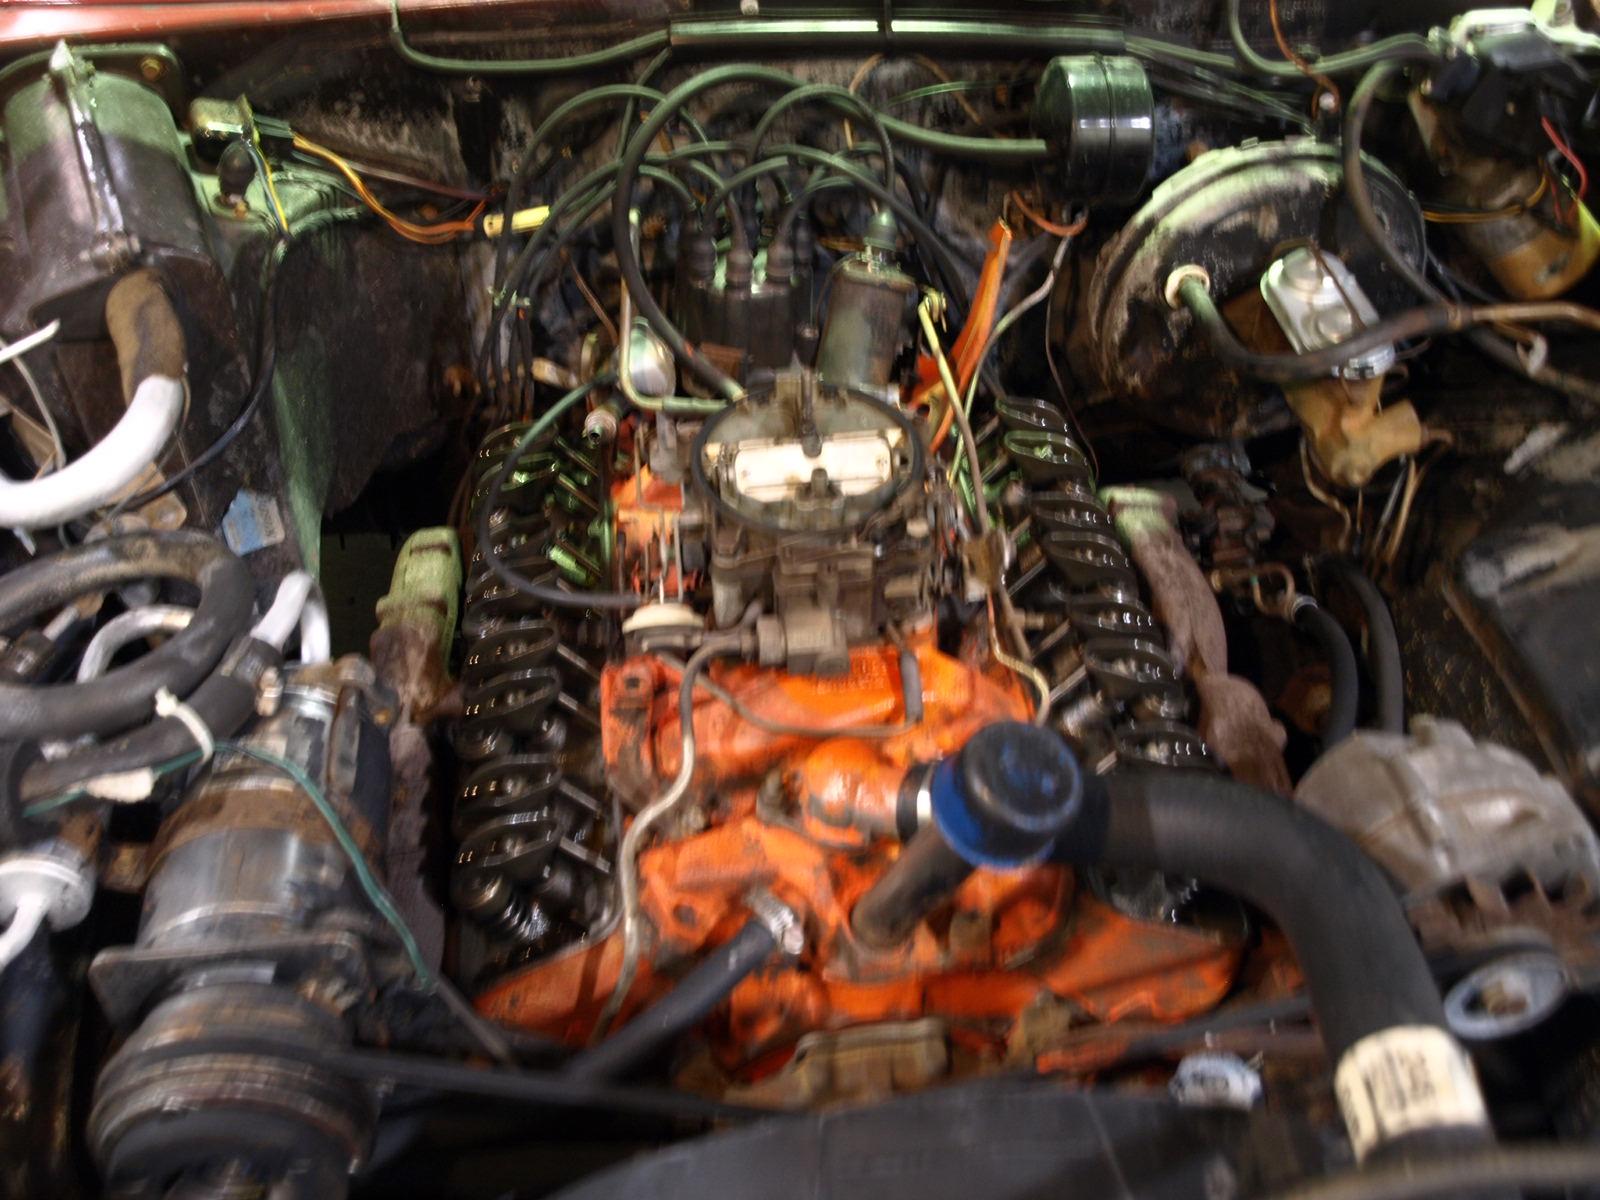 1967 Chevy Impala SS - Precision Car Restoration